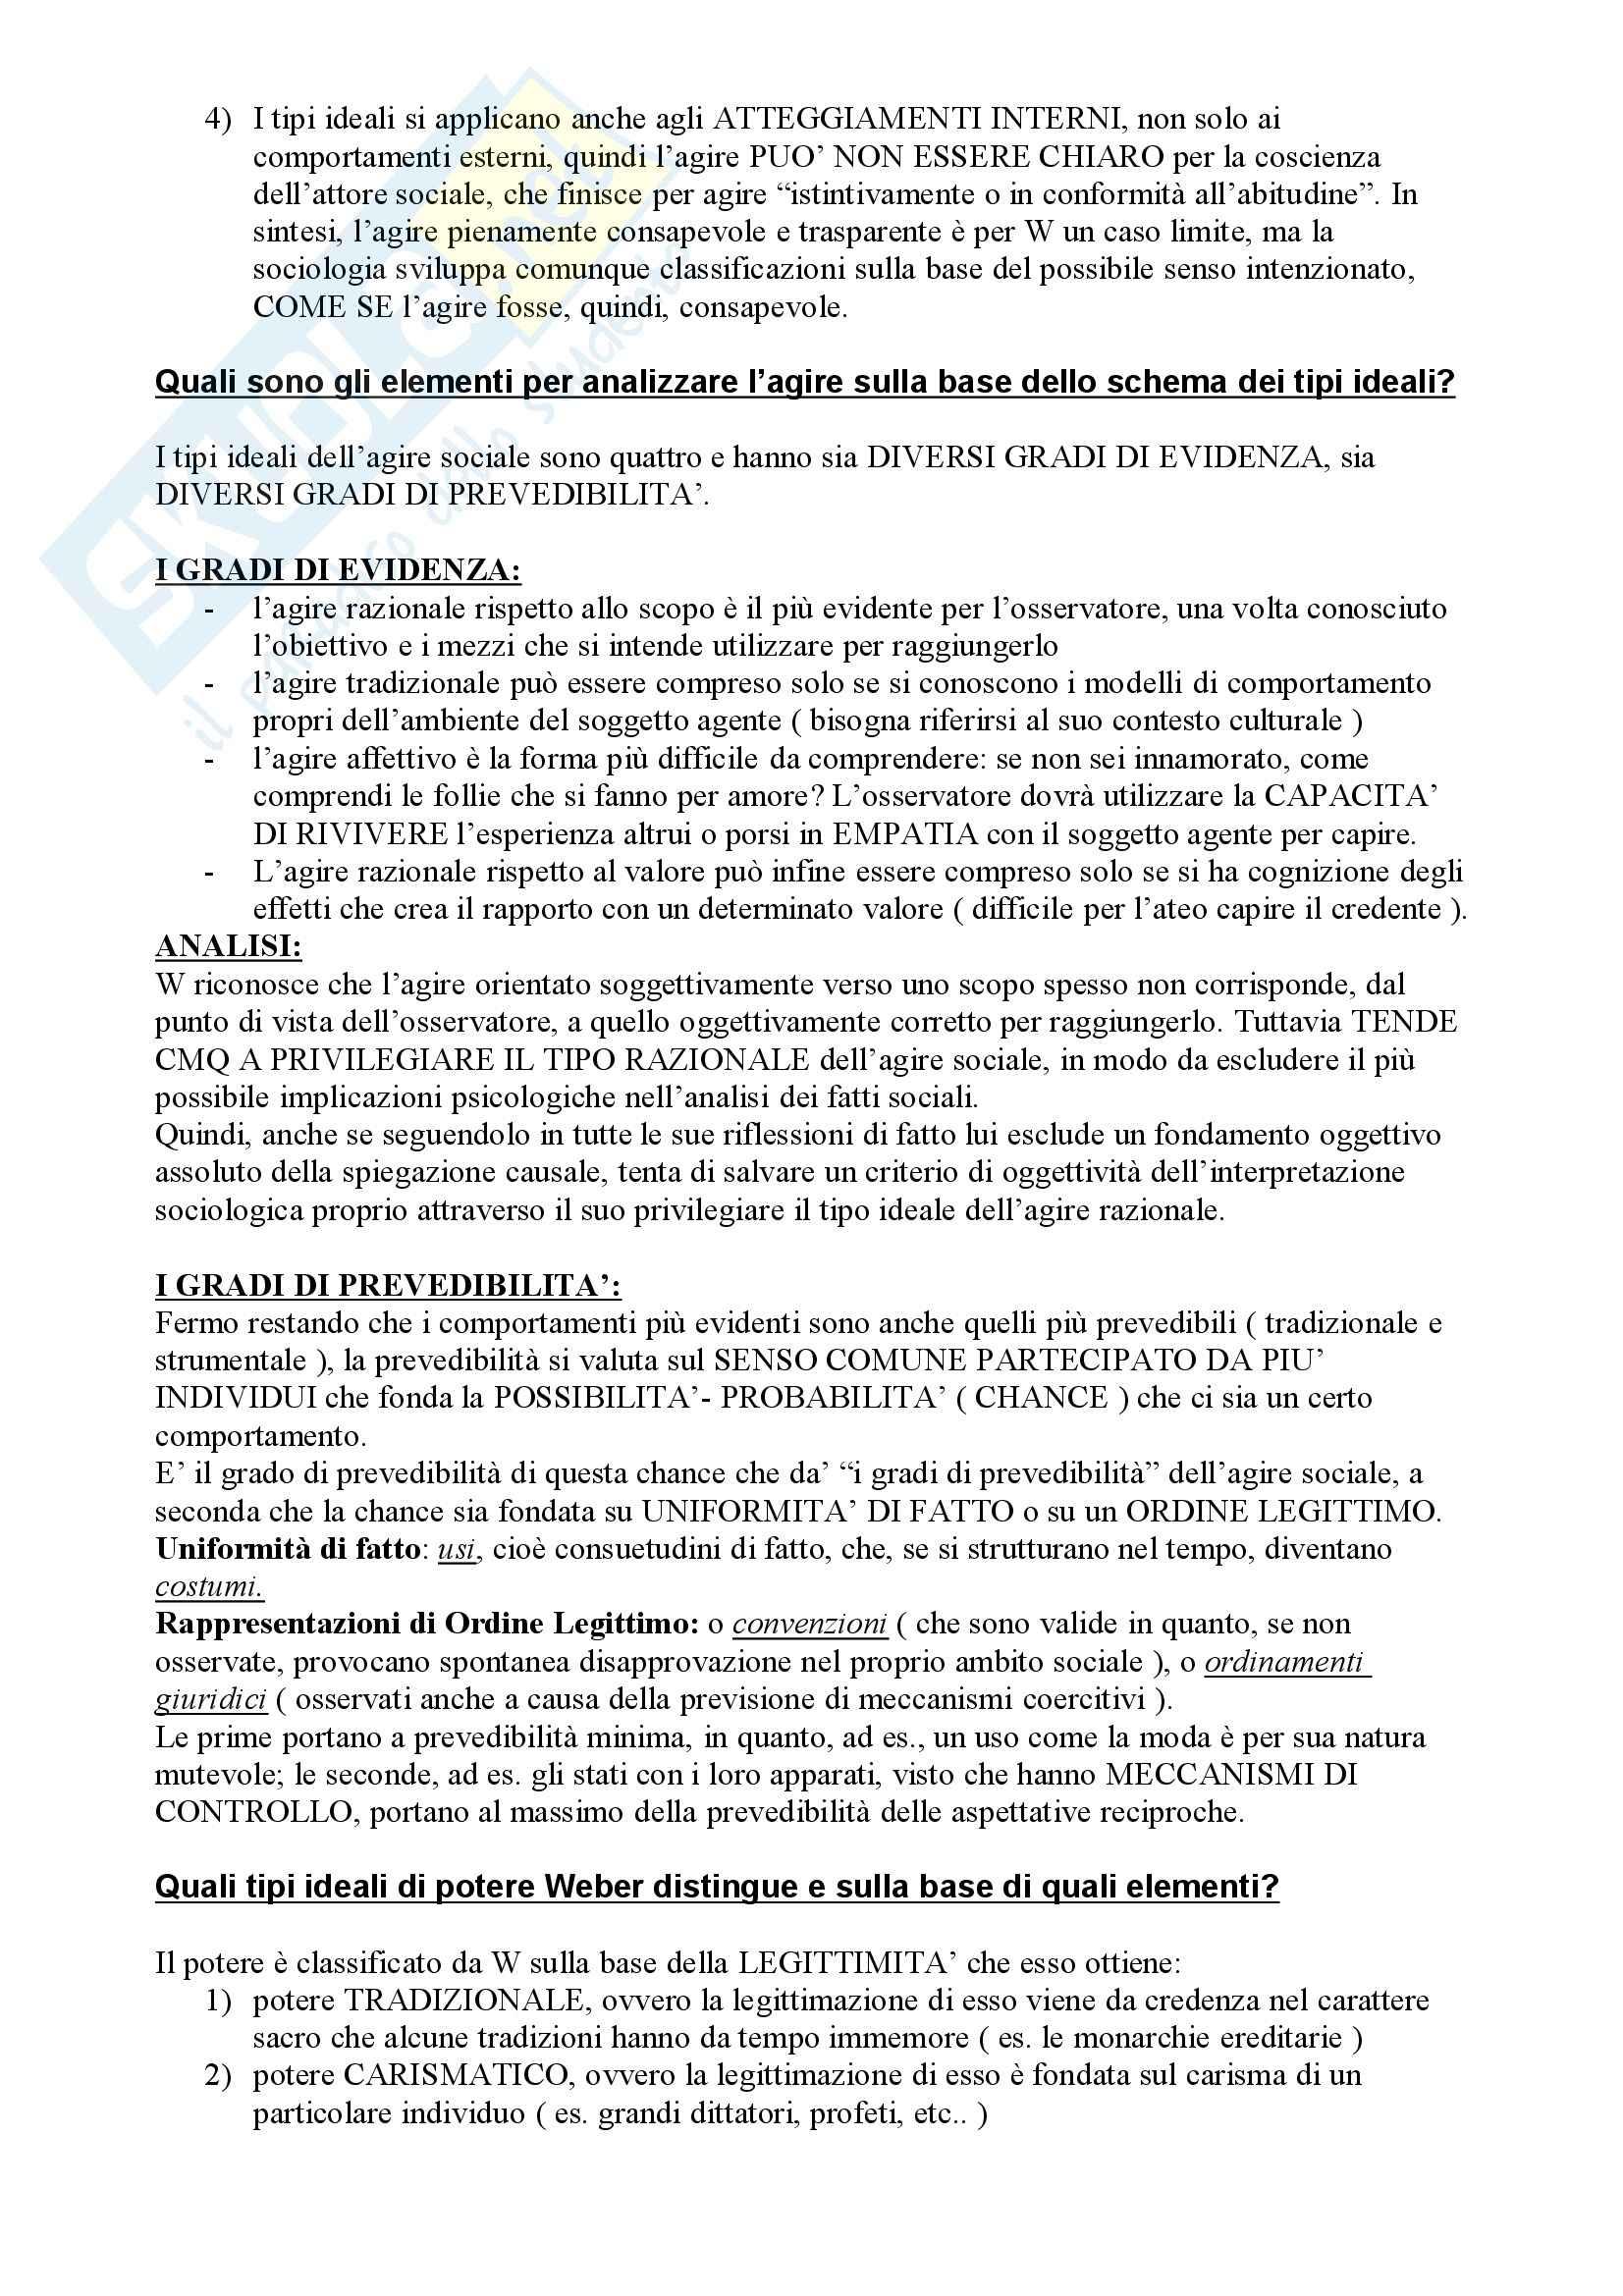 Il pensiero sociologico, Crespi - Risposte a domande finali Pag. 11